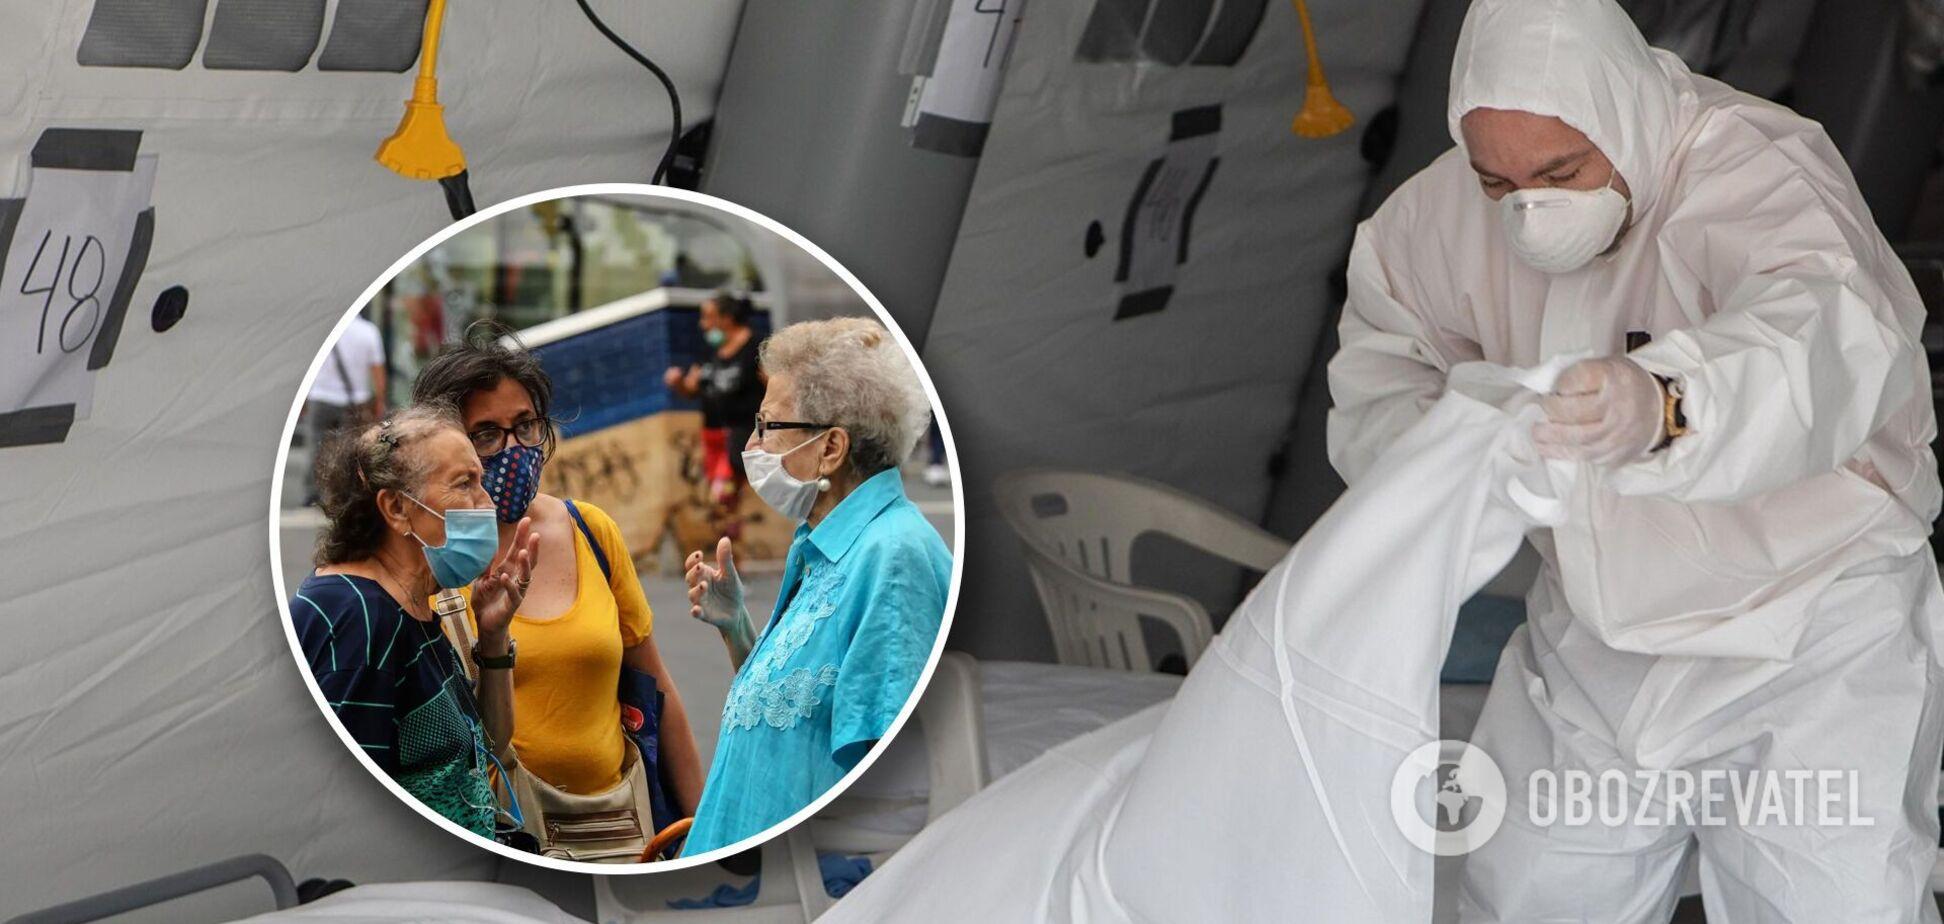 Выгоняют с вещами на улицу: украинки в Италии оказались на грани выживания из-за COVID-19